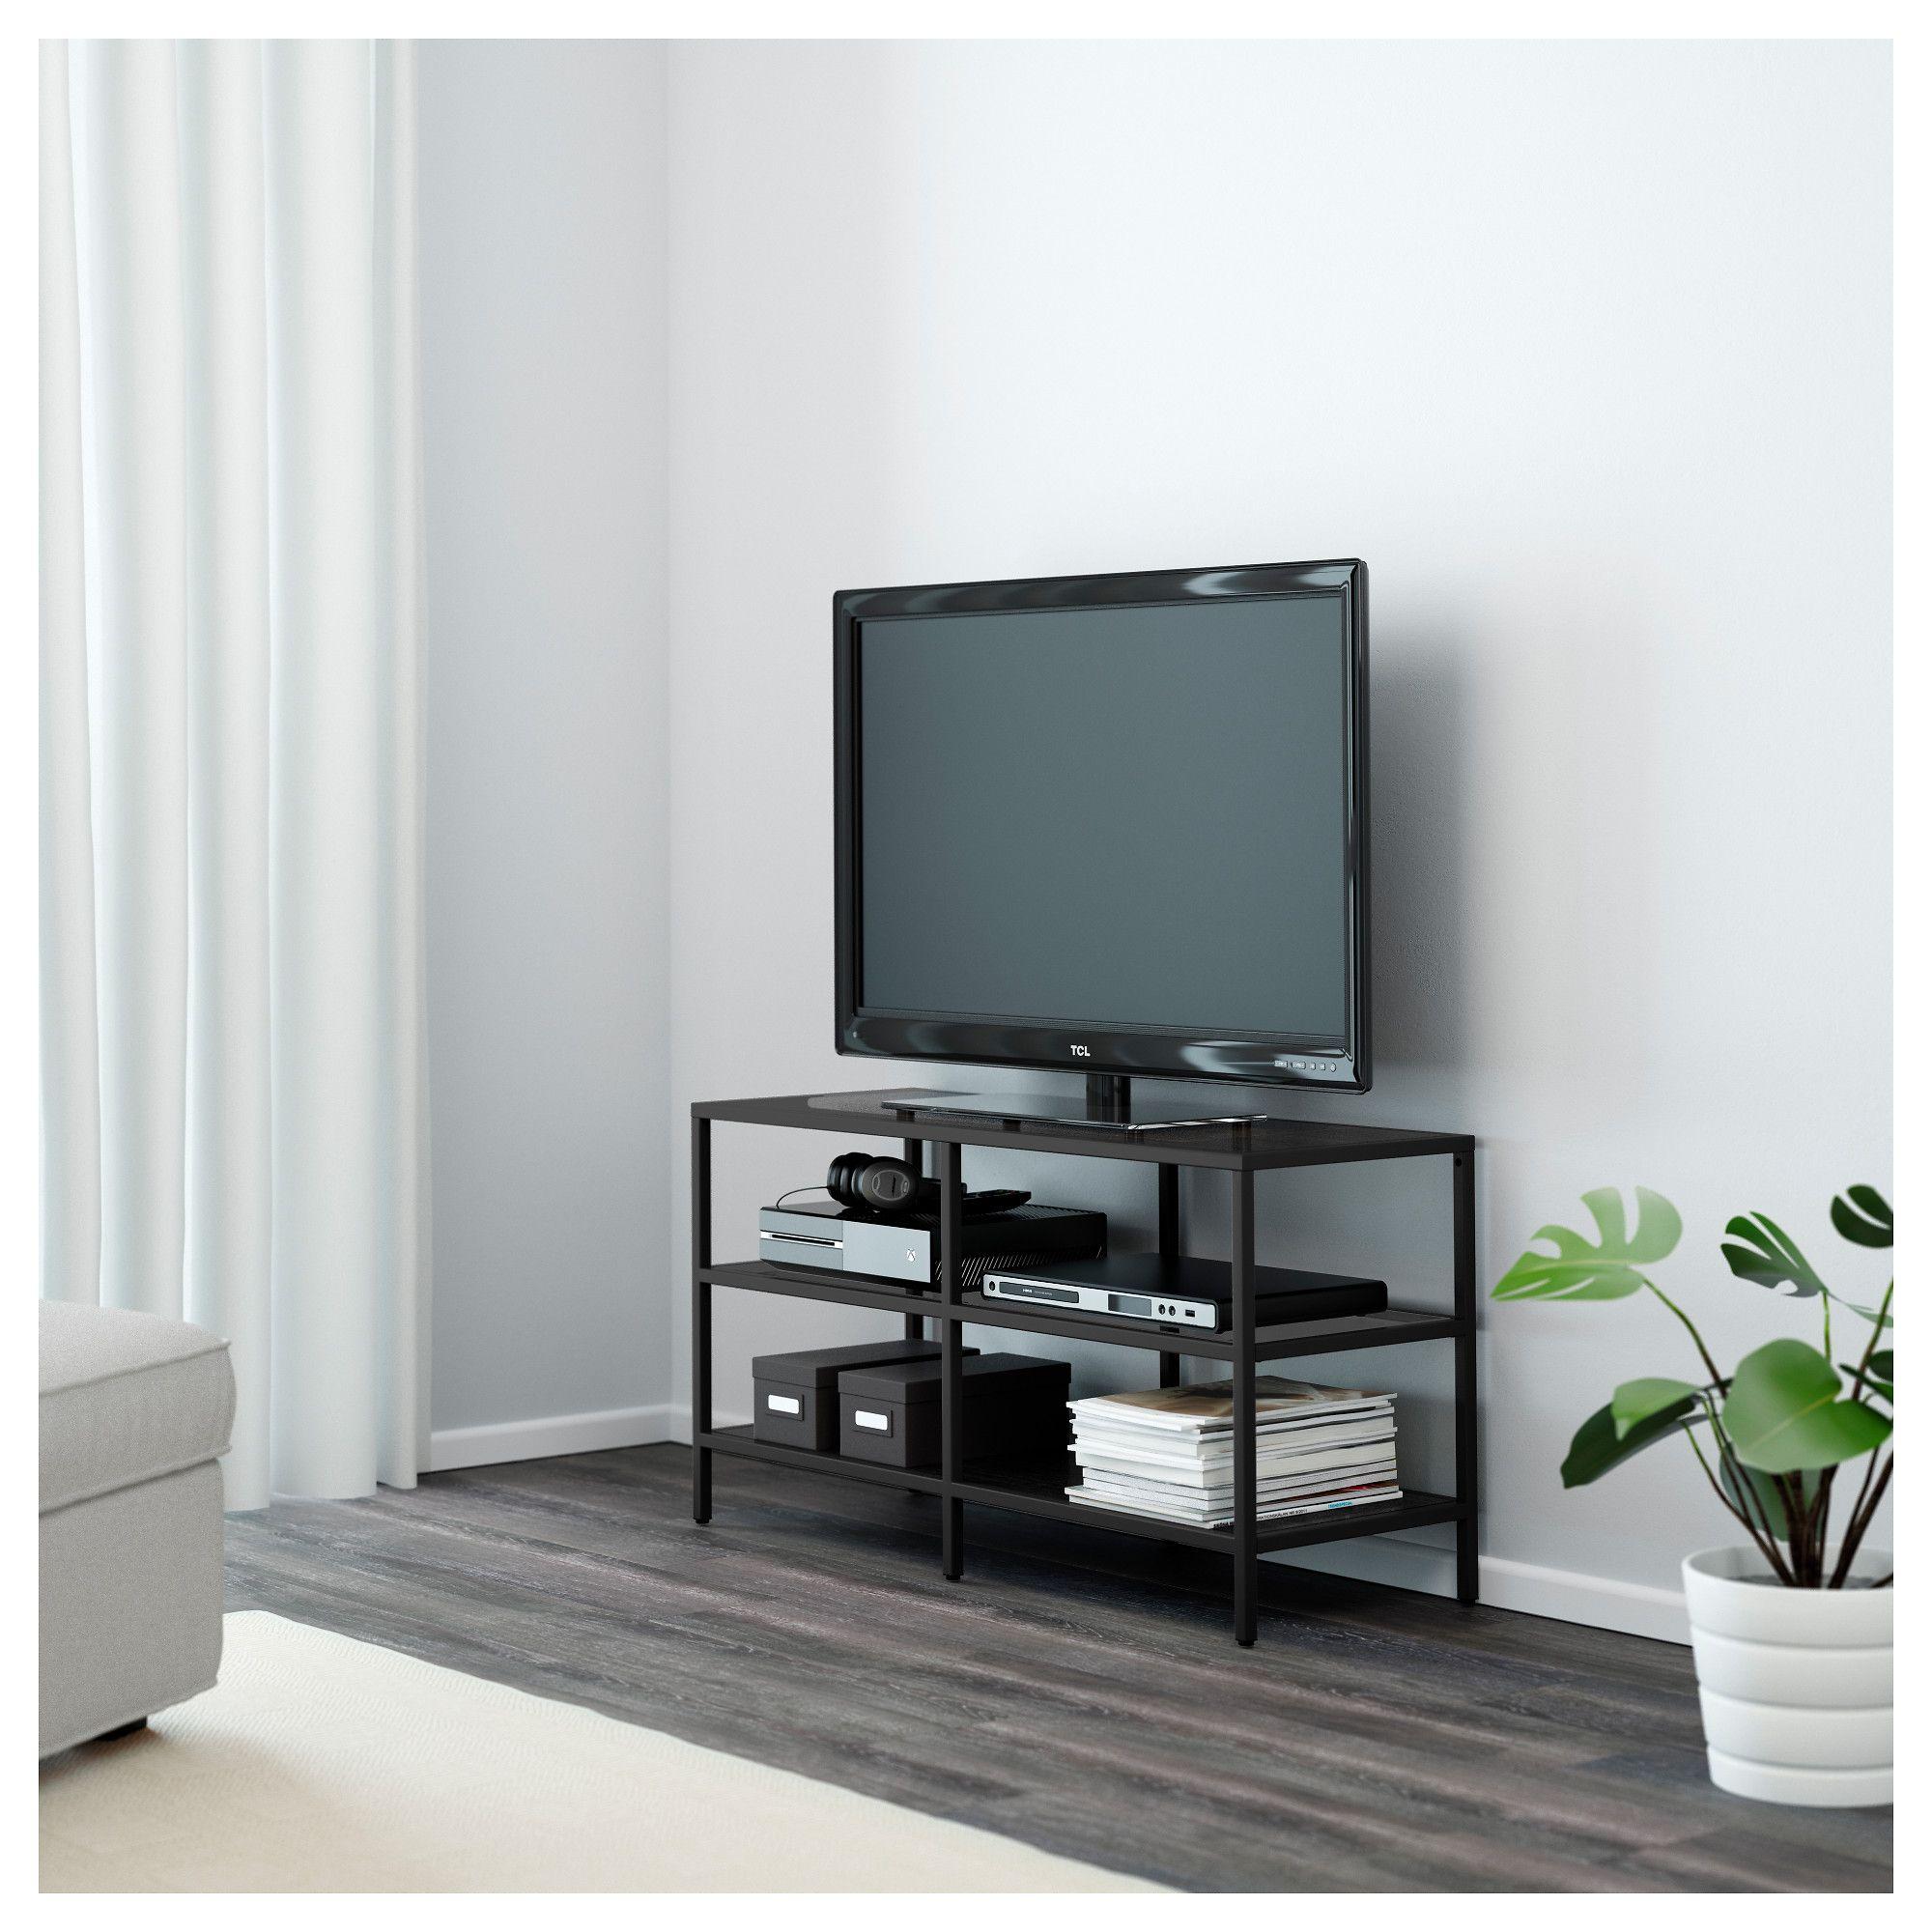 Vittsjo Tv Unit Black Brown Glass 39 3 8x14 1 8x20 7 8 Ikea